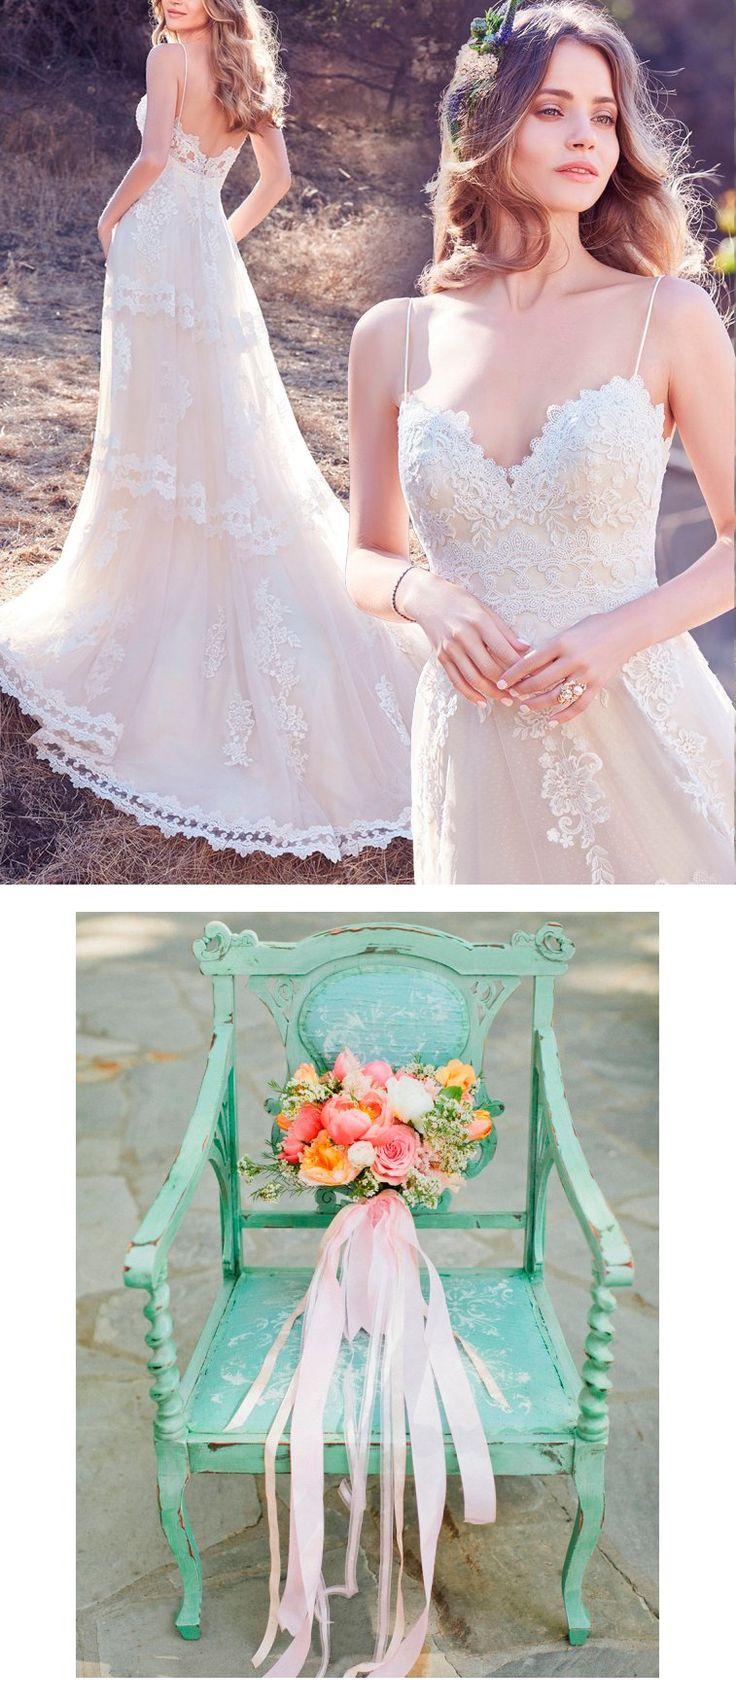 best boho bride images on pinterest wedding ideas boho wedding